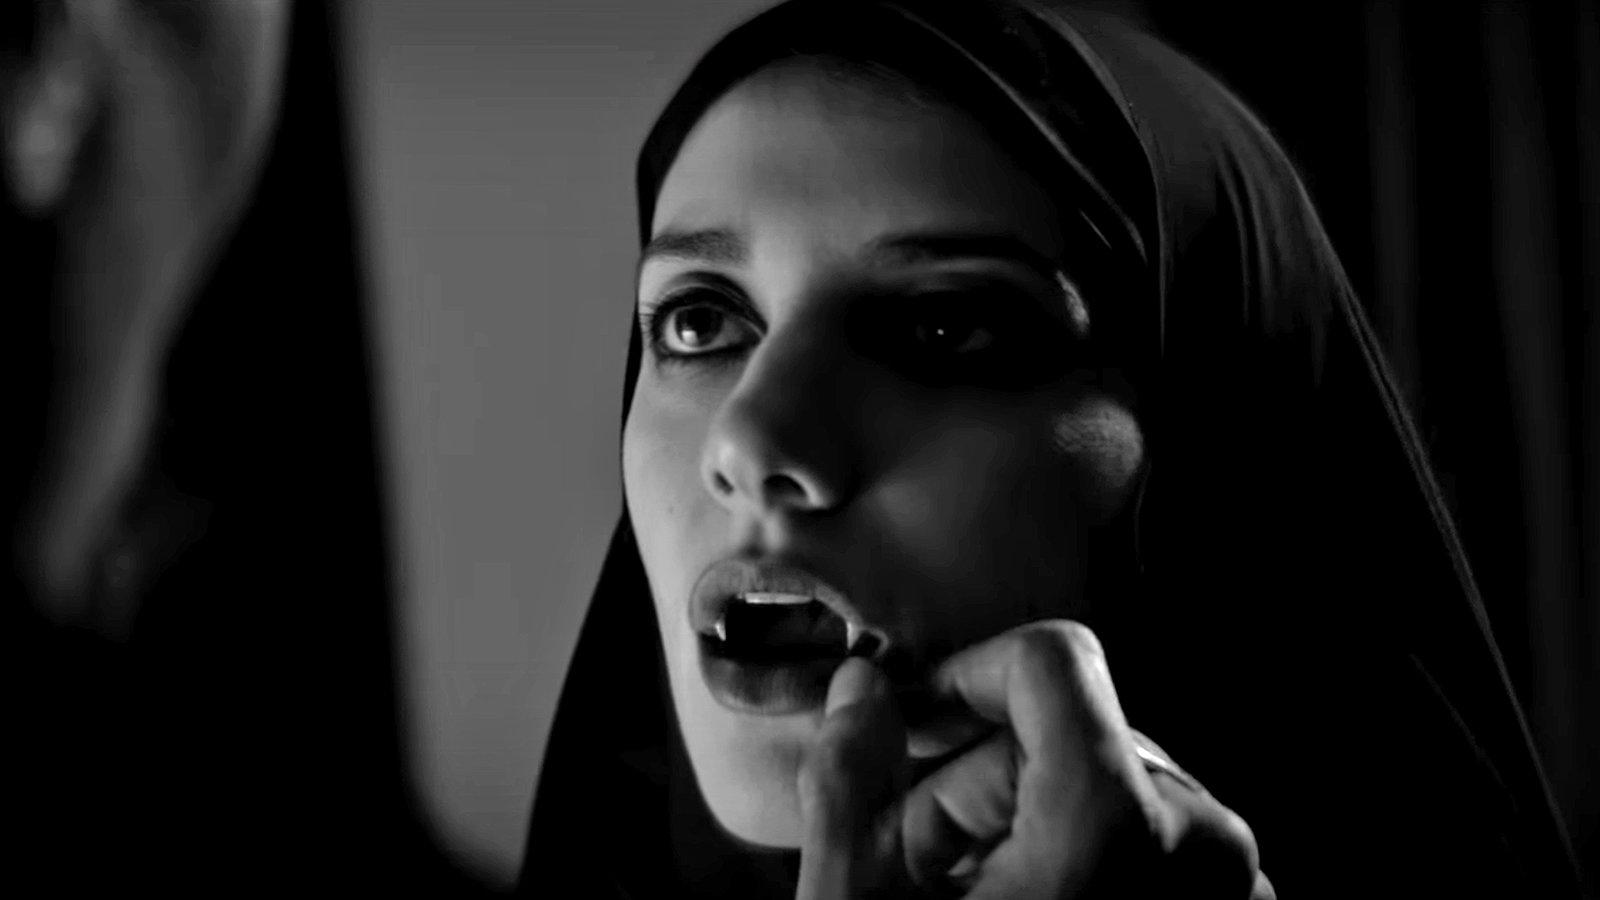 Garota Sombria Caminha pela Noite (2014), de Ana Lily Amirpour [EUA]